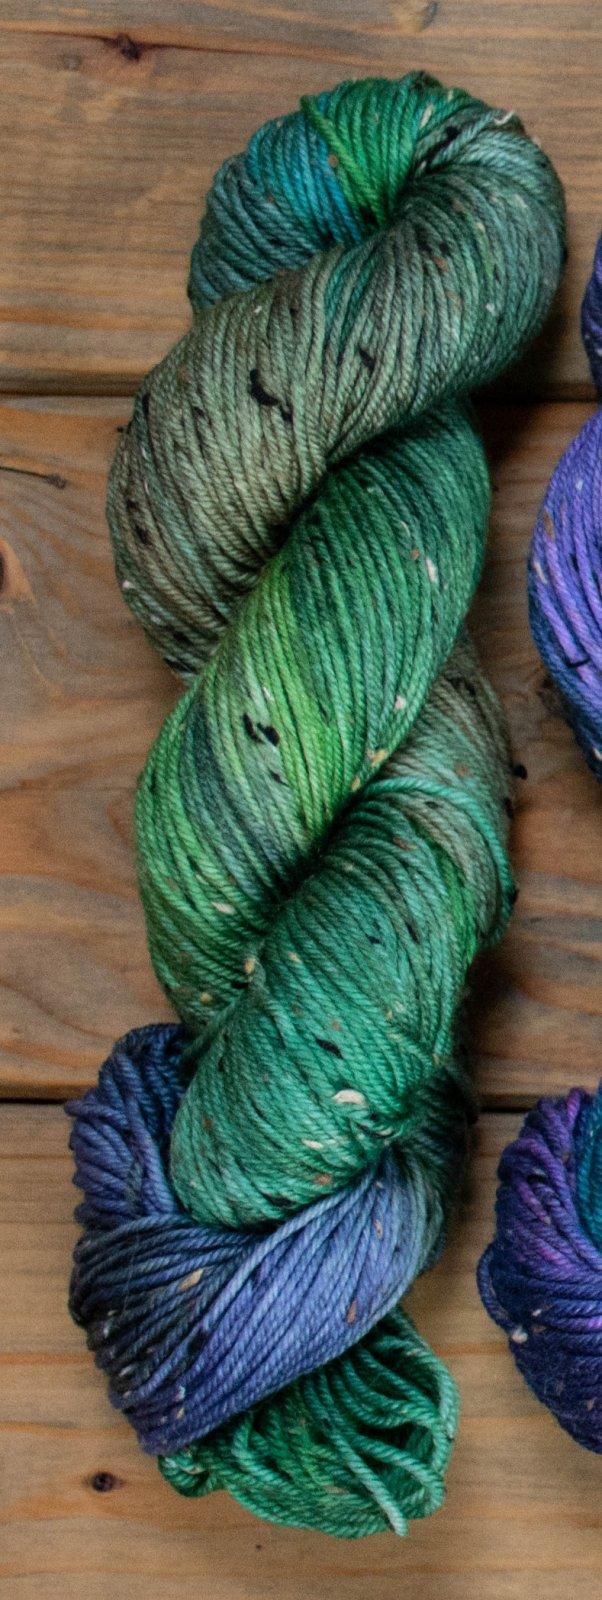 Tweed - White Pine